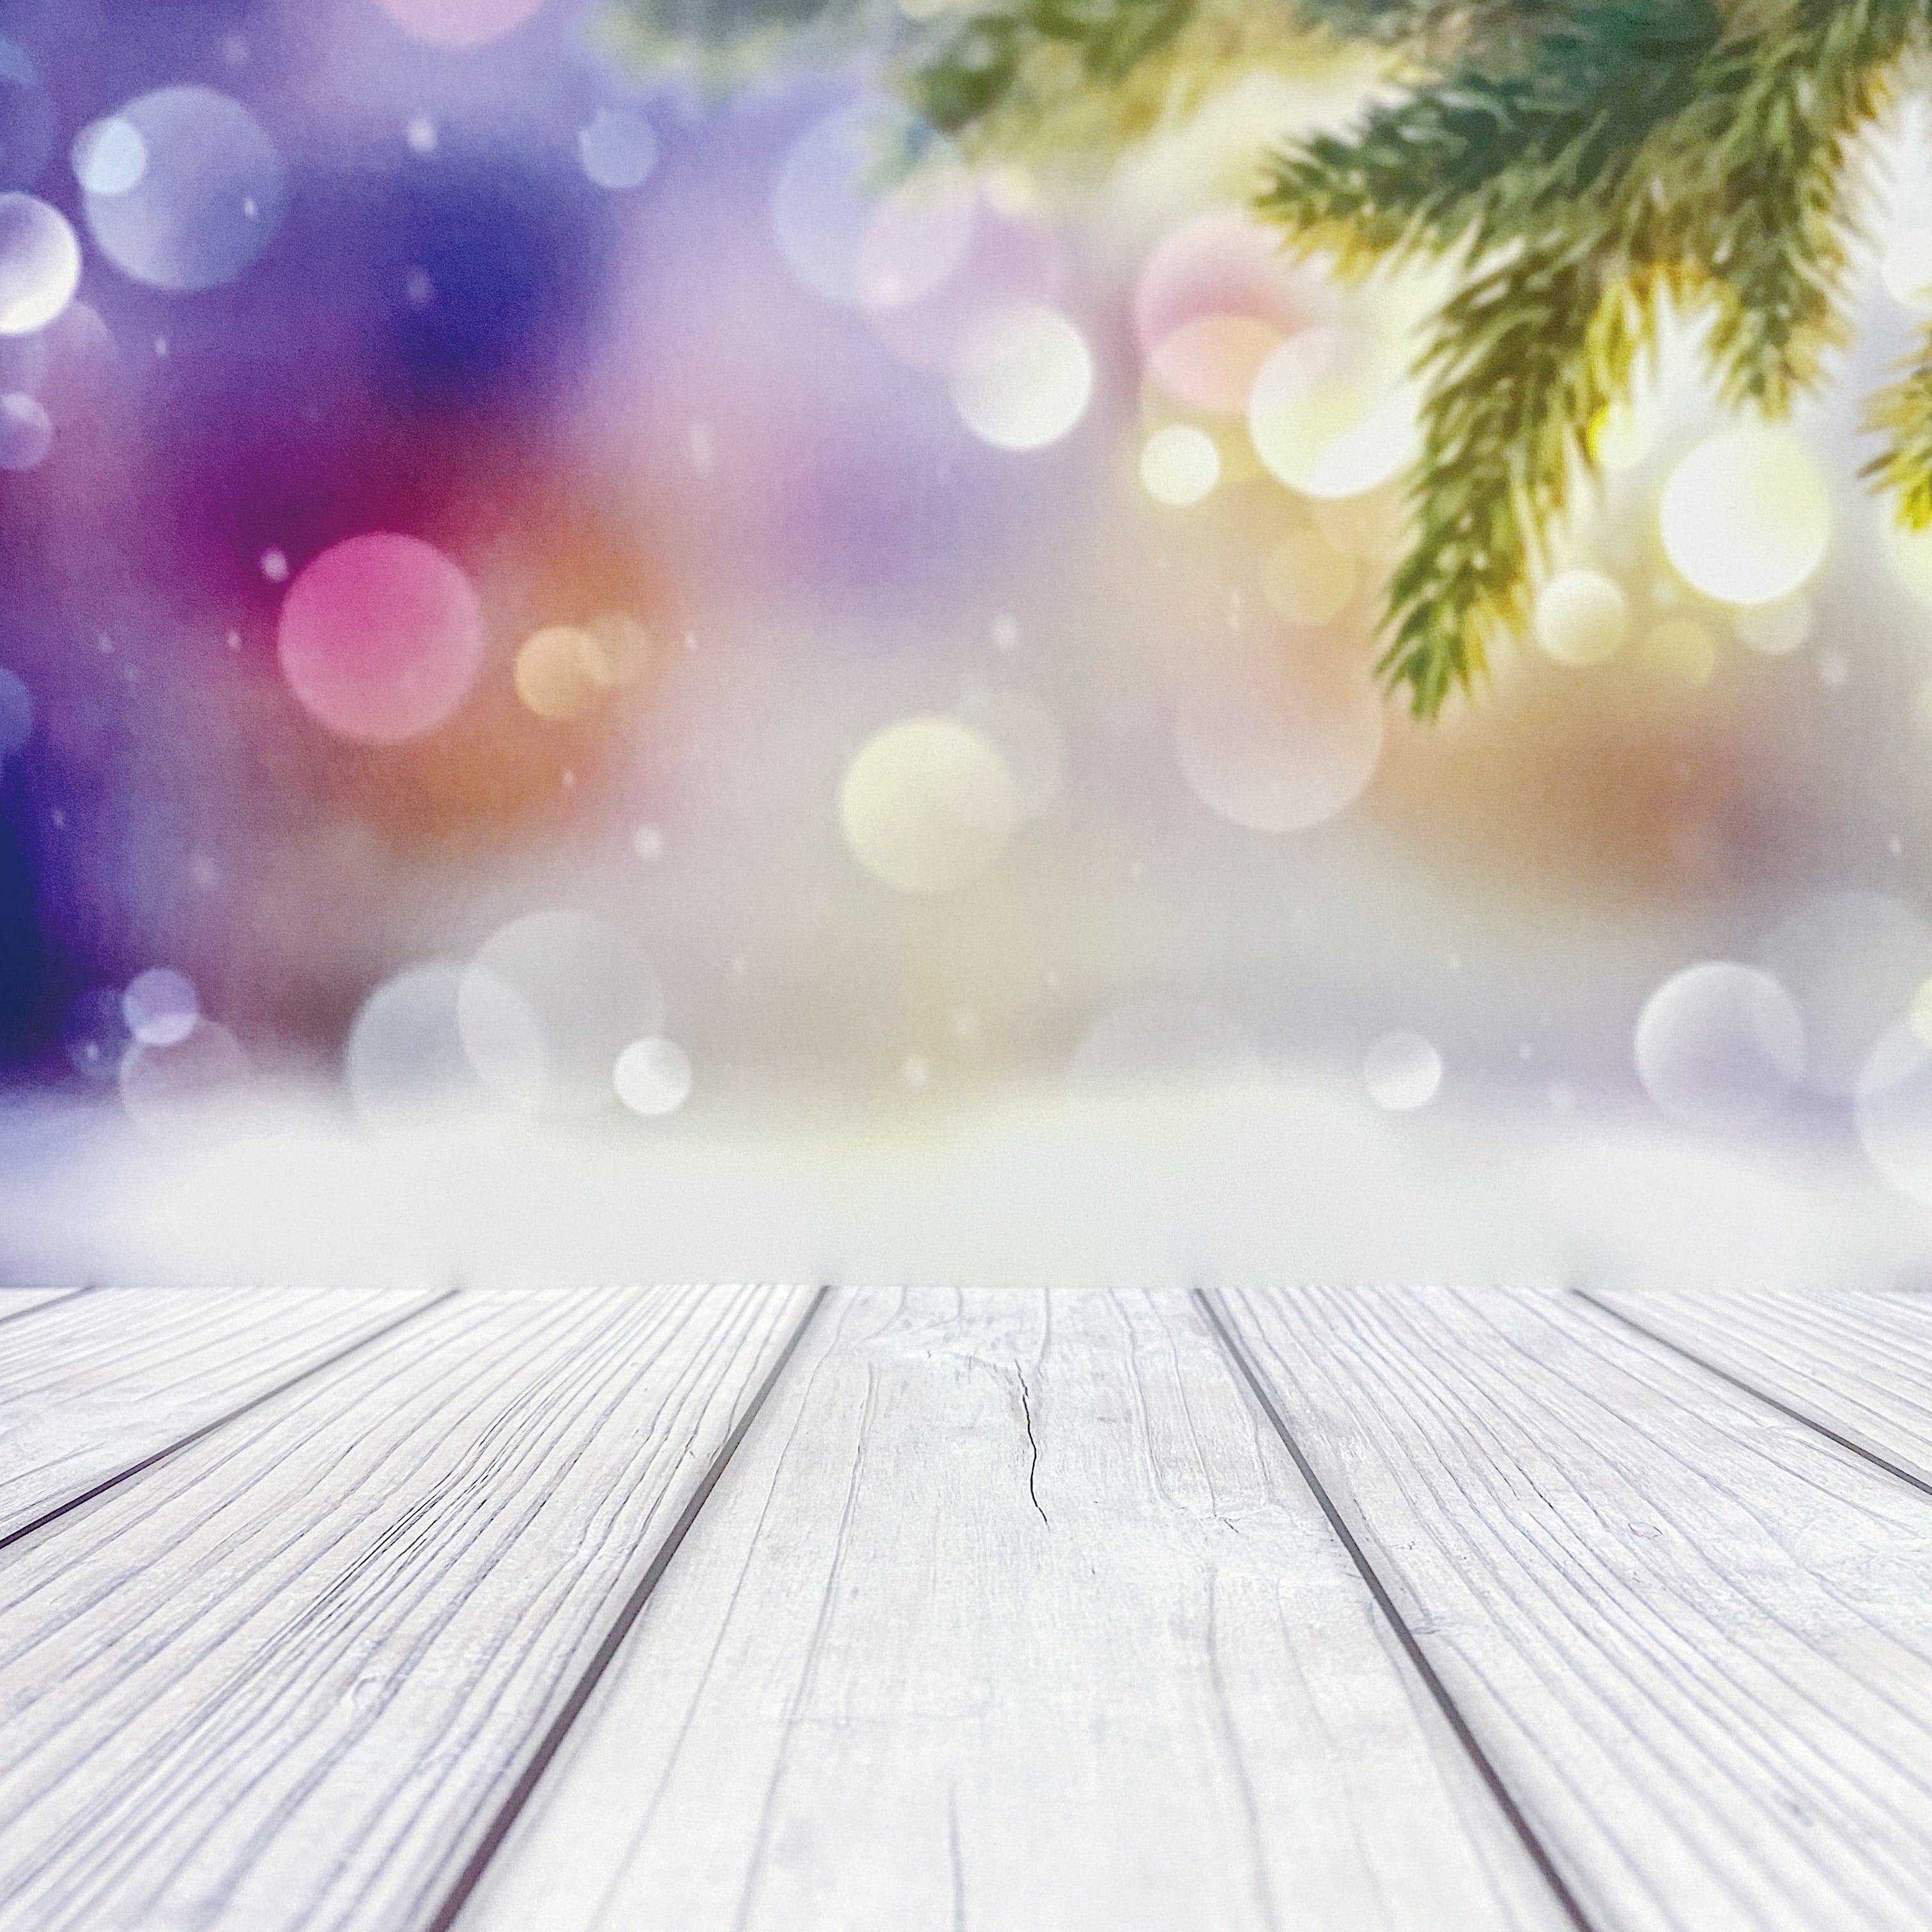 Ca_きらきらスノークリスマス